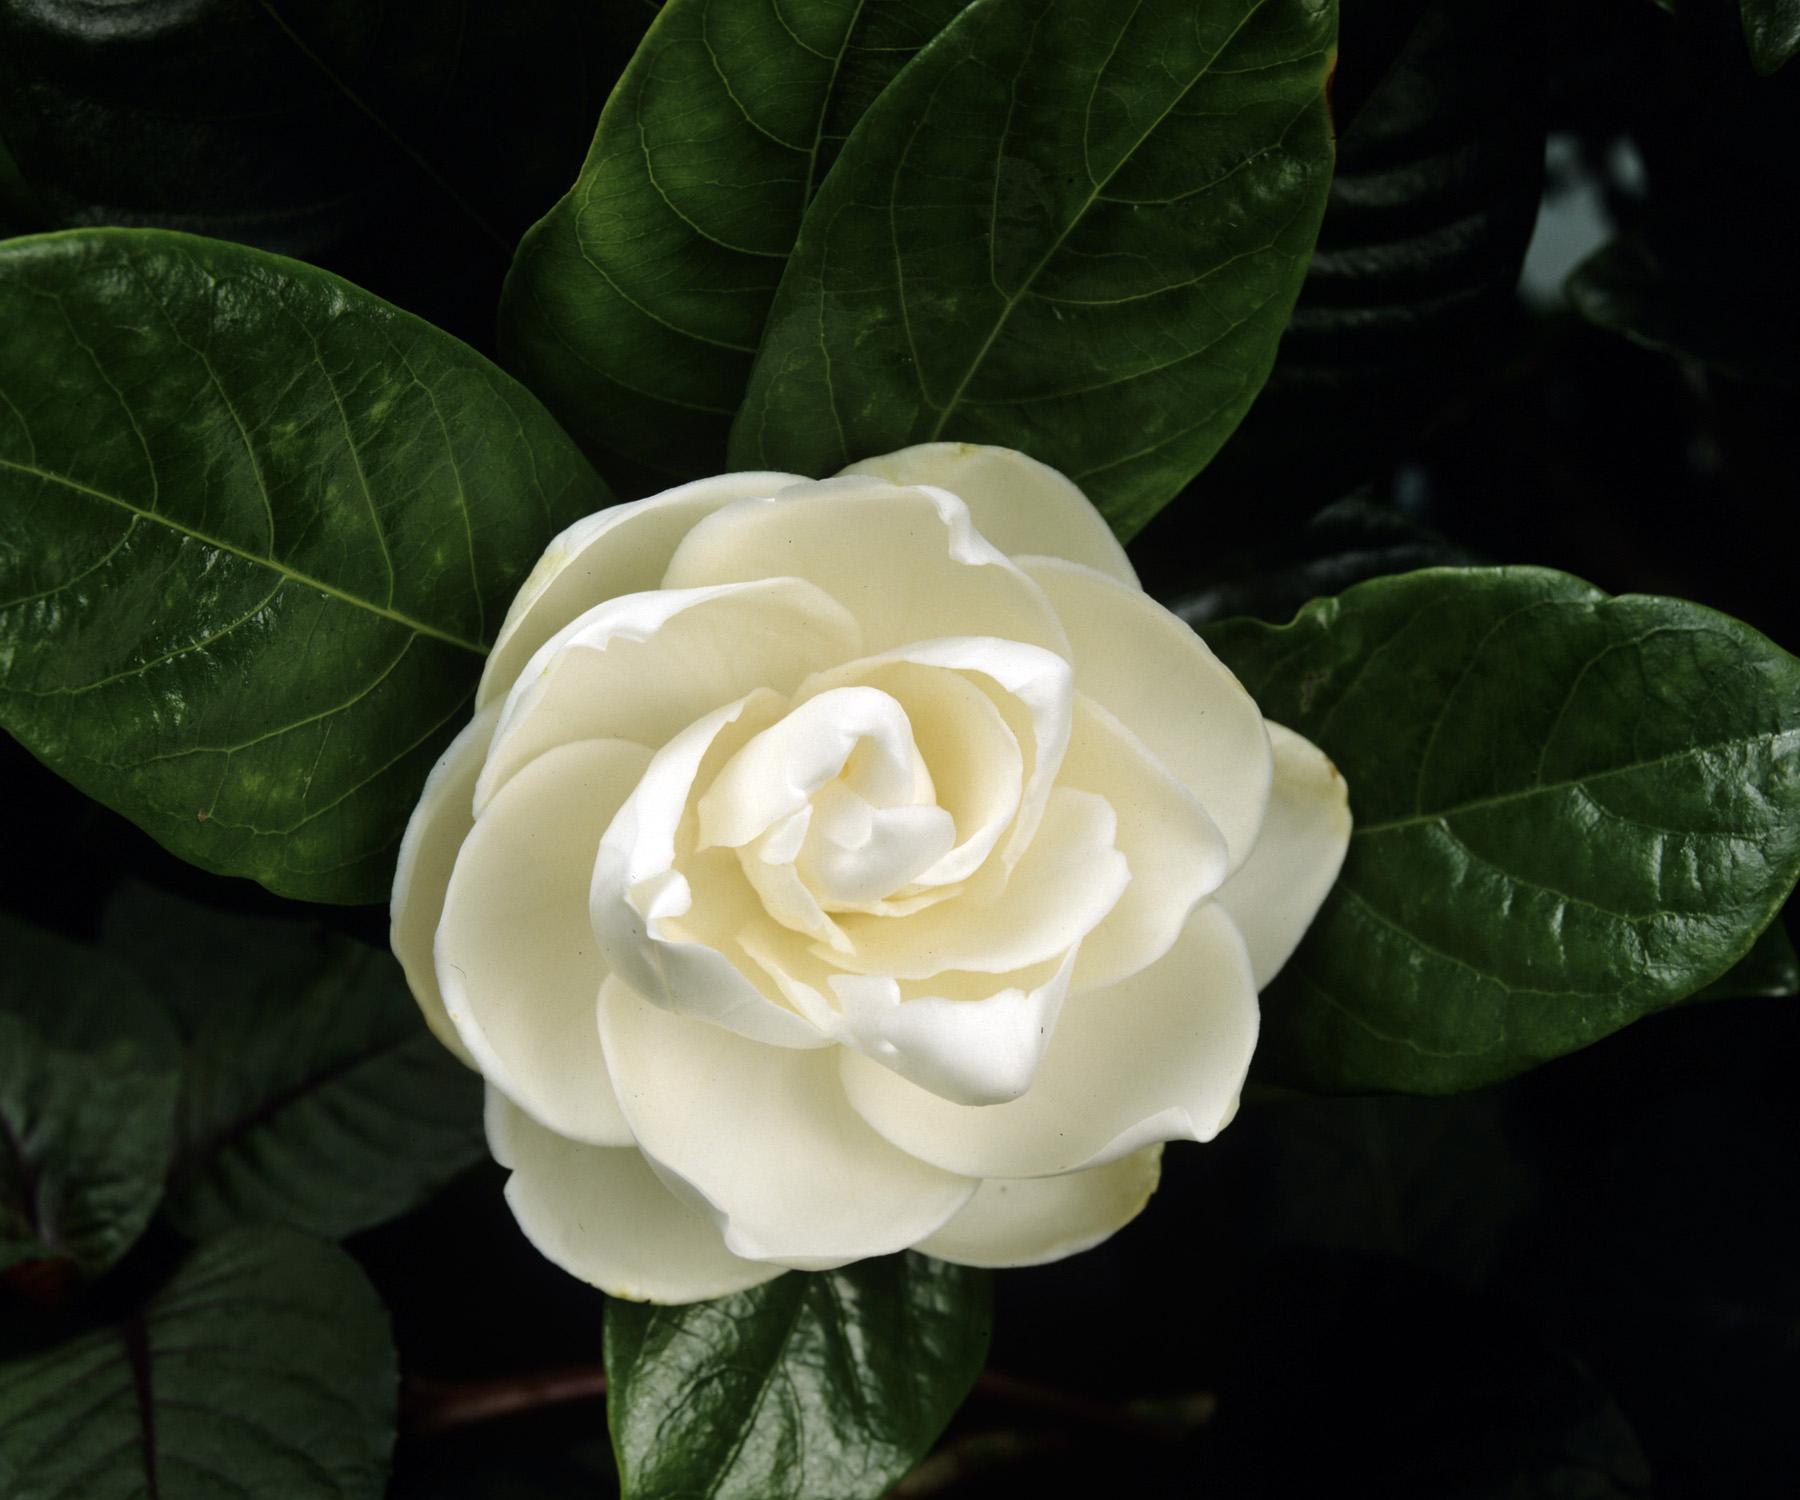 صورة صور اجمل الورود , صور ورد جميله ومميزه 2441 2